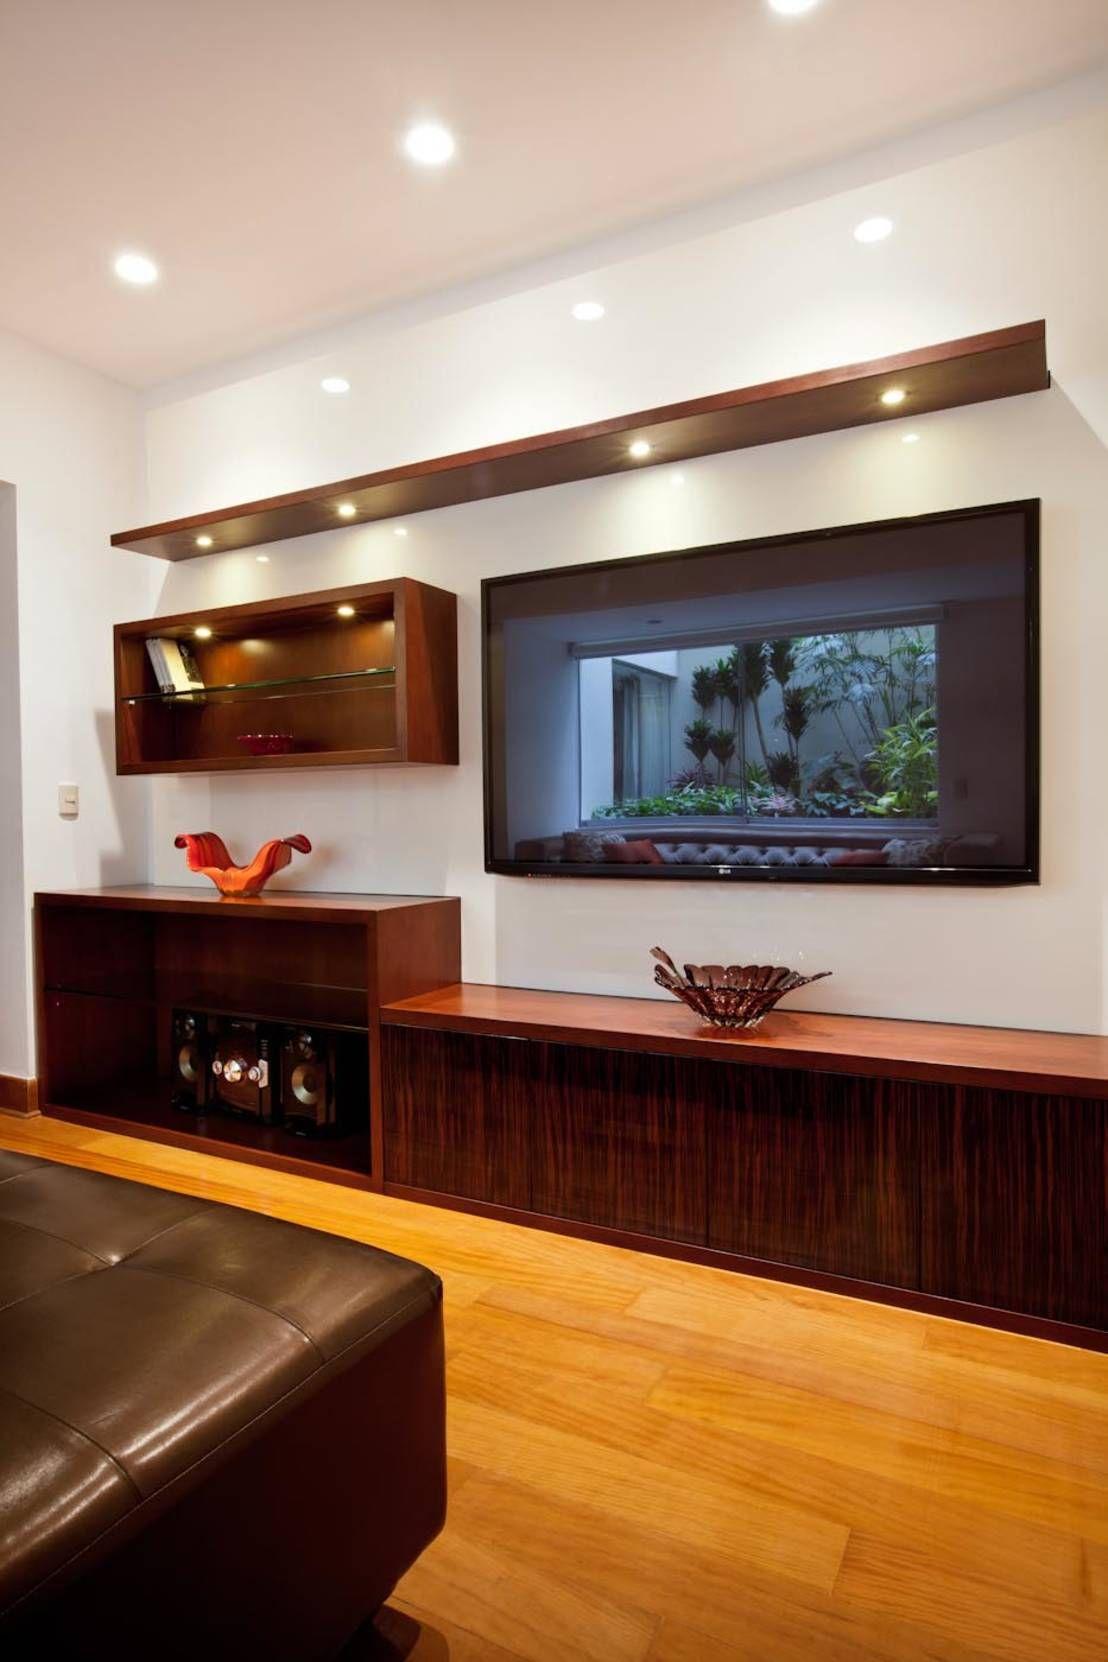 Decoraci n del hogar dise o de interiores ideas para la for Diseno decoracion hogar talagante